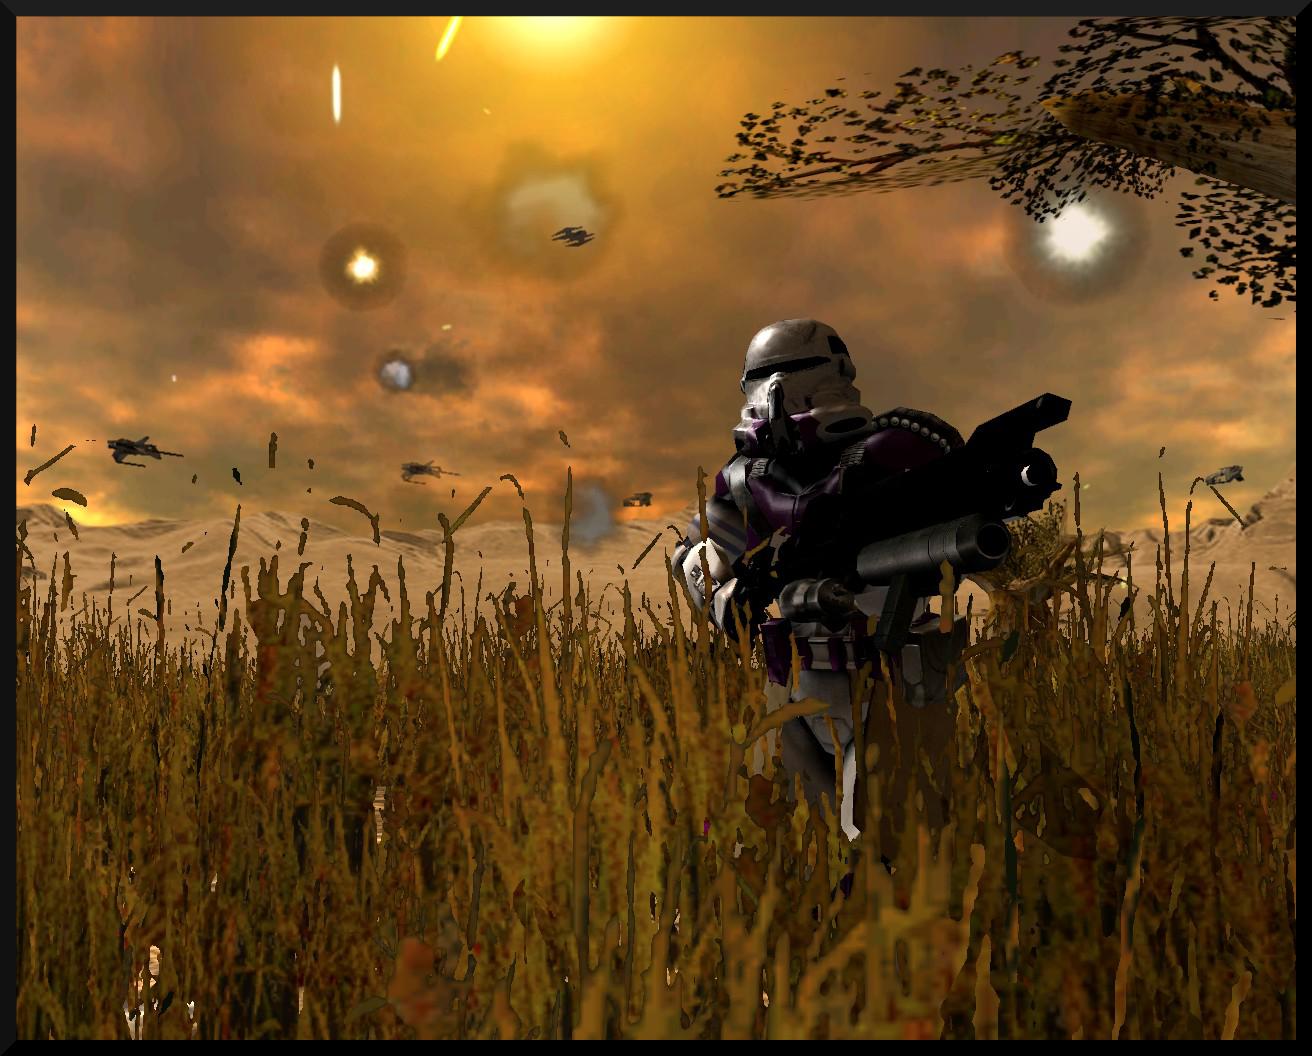 187th CMDR Dantooine